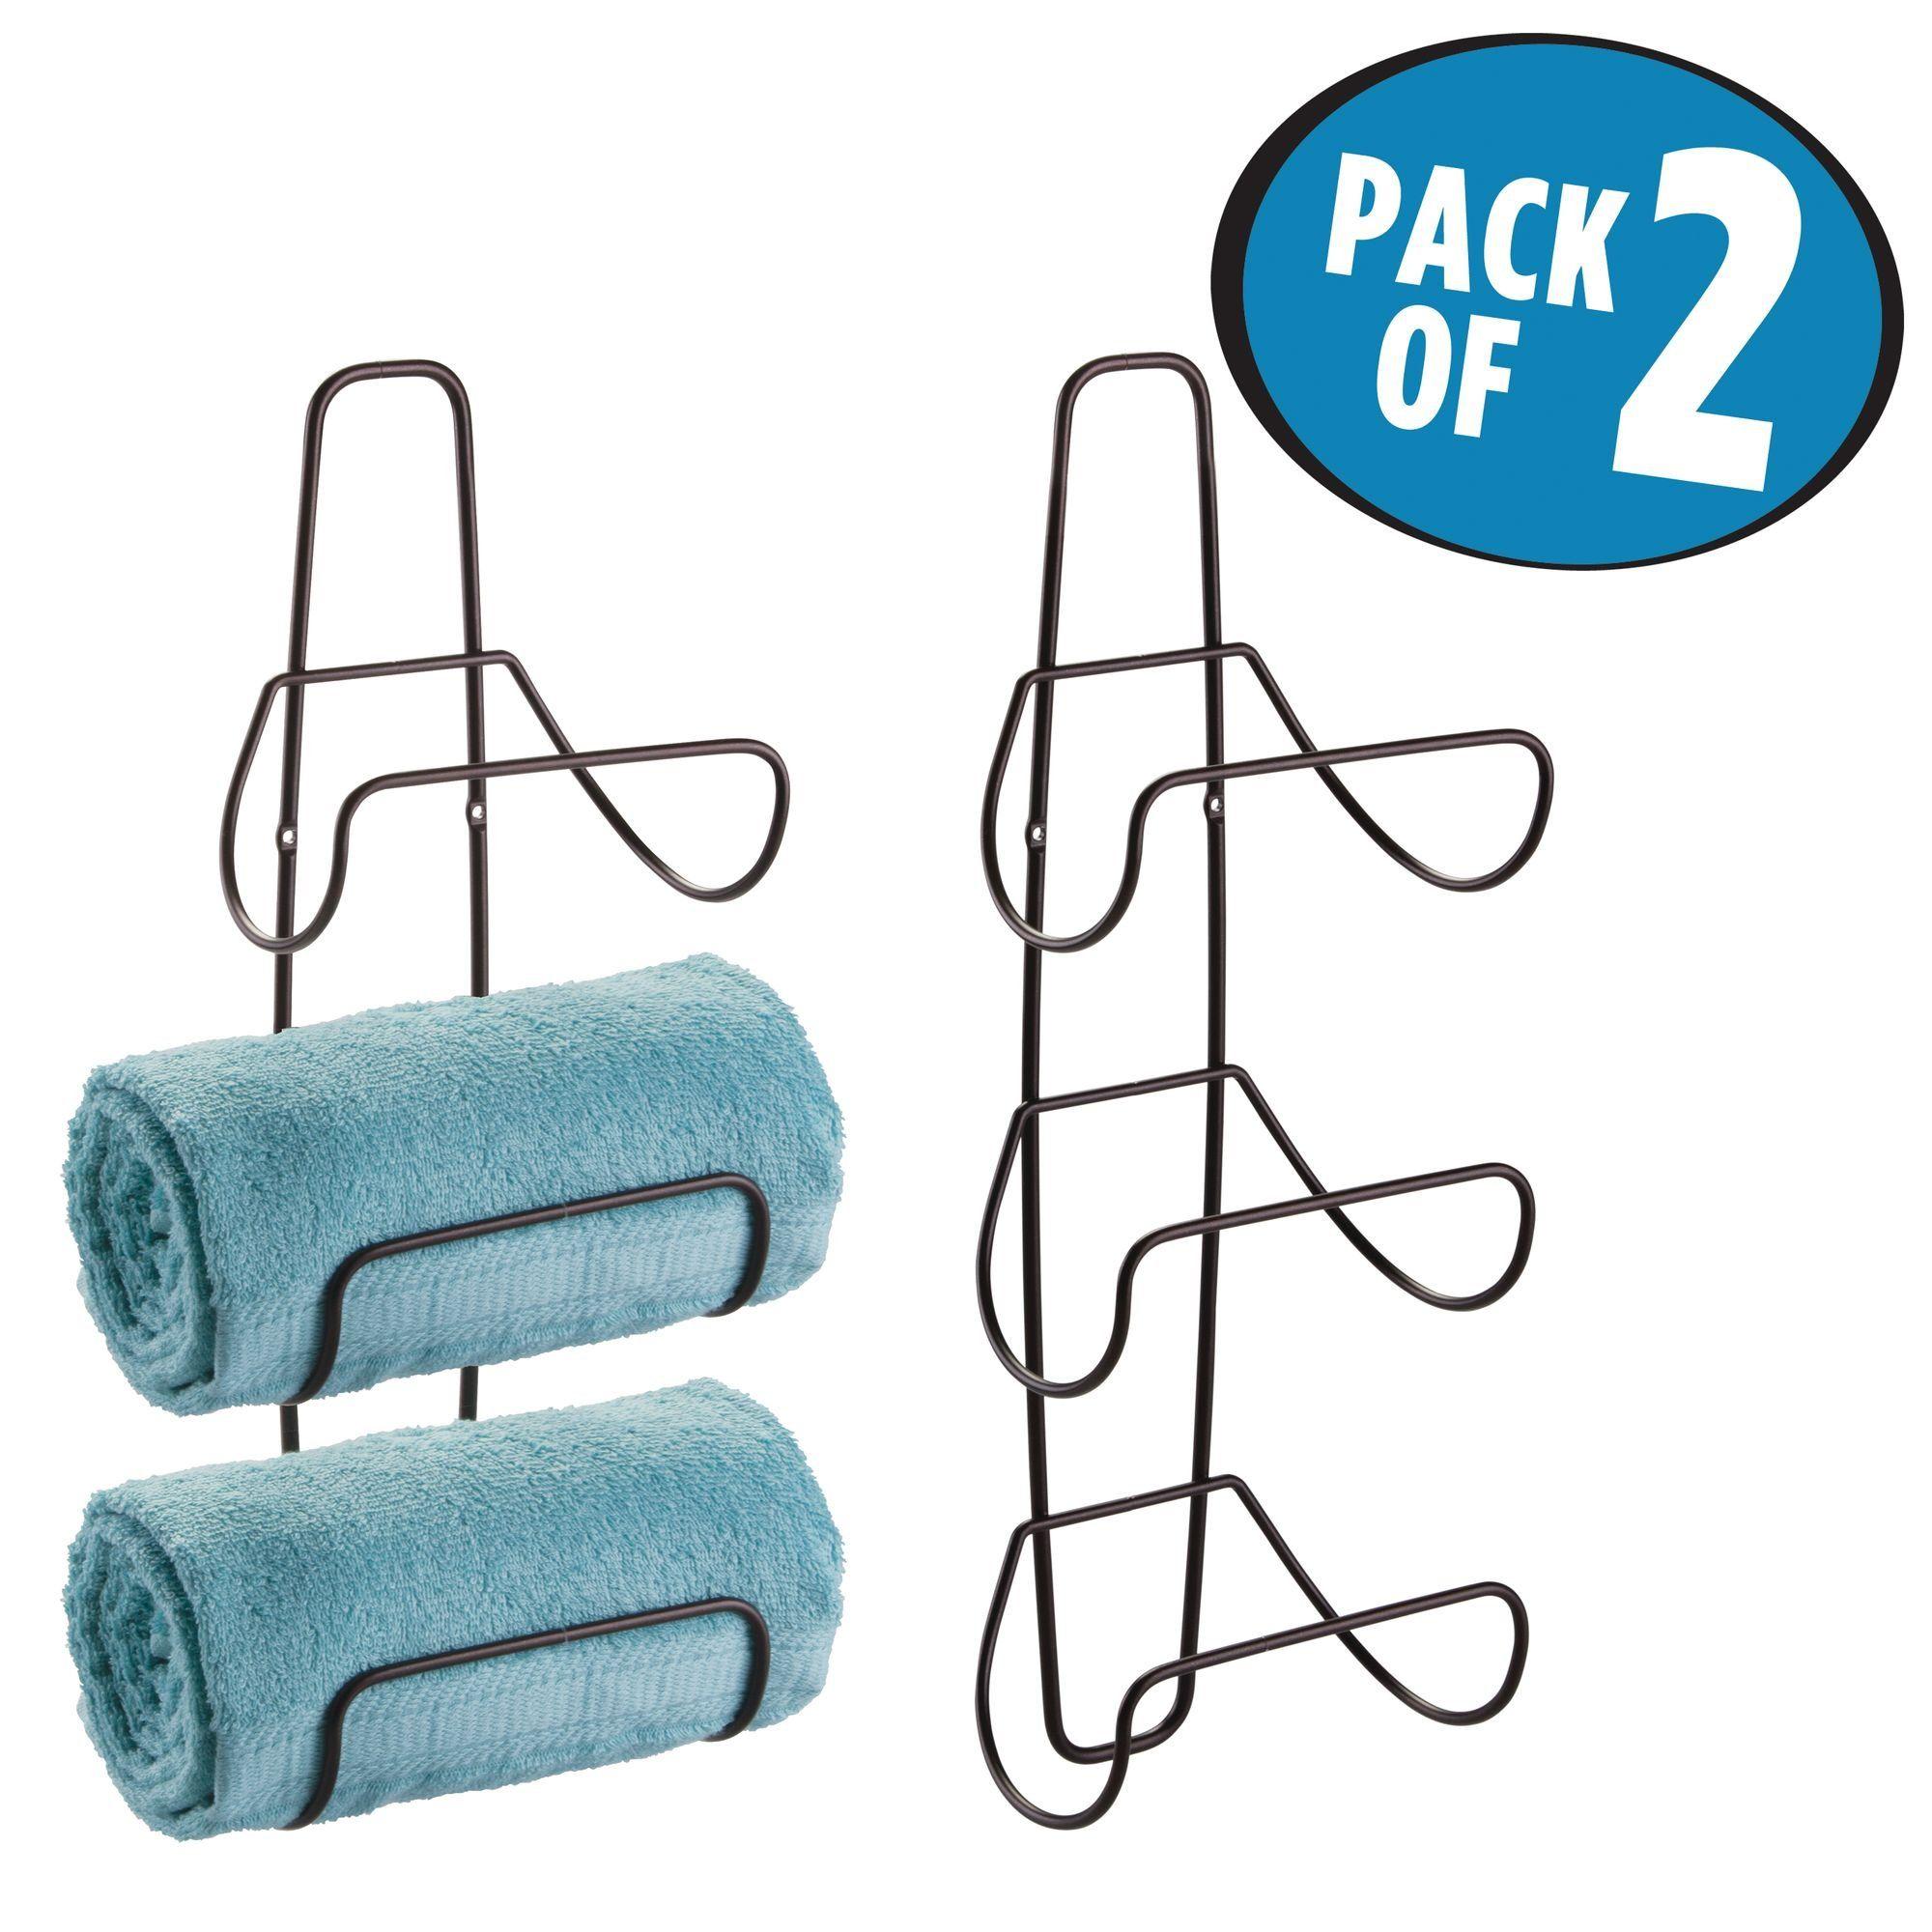 mDesign Wall Mount or Over Door Bathroom Towel Rack - Pack of 2 ...